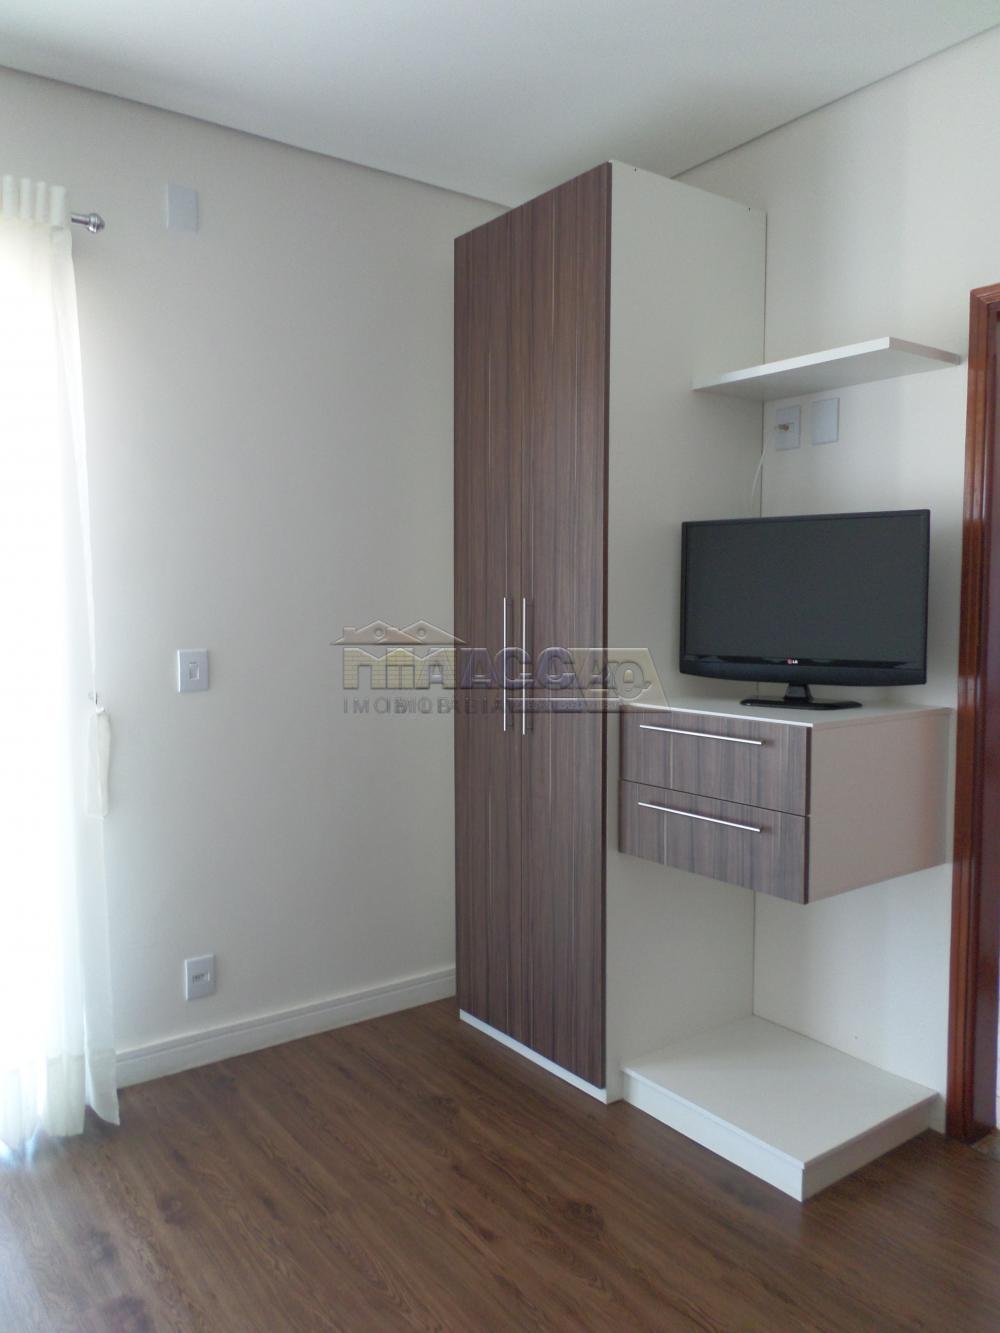 Comprar Apartamentos / Flats em São José do Rio Pardo apenas R$ 350.000,00 - Foto 11